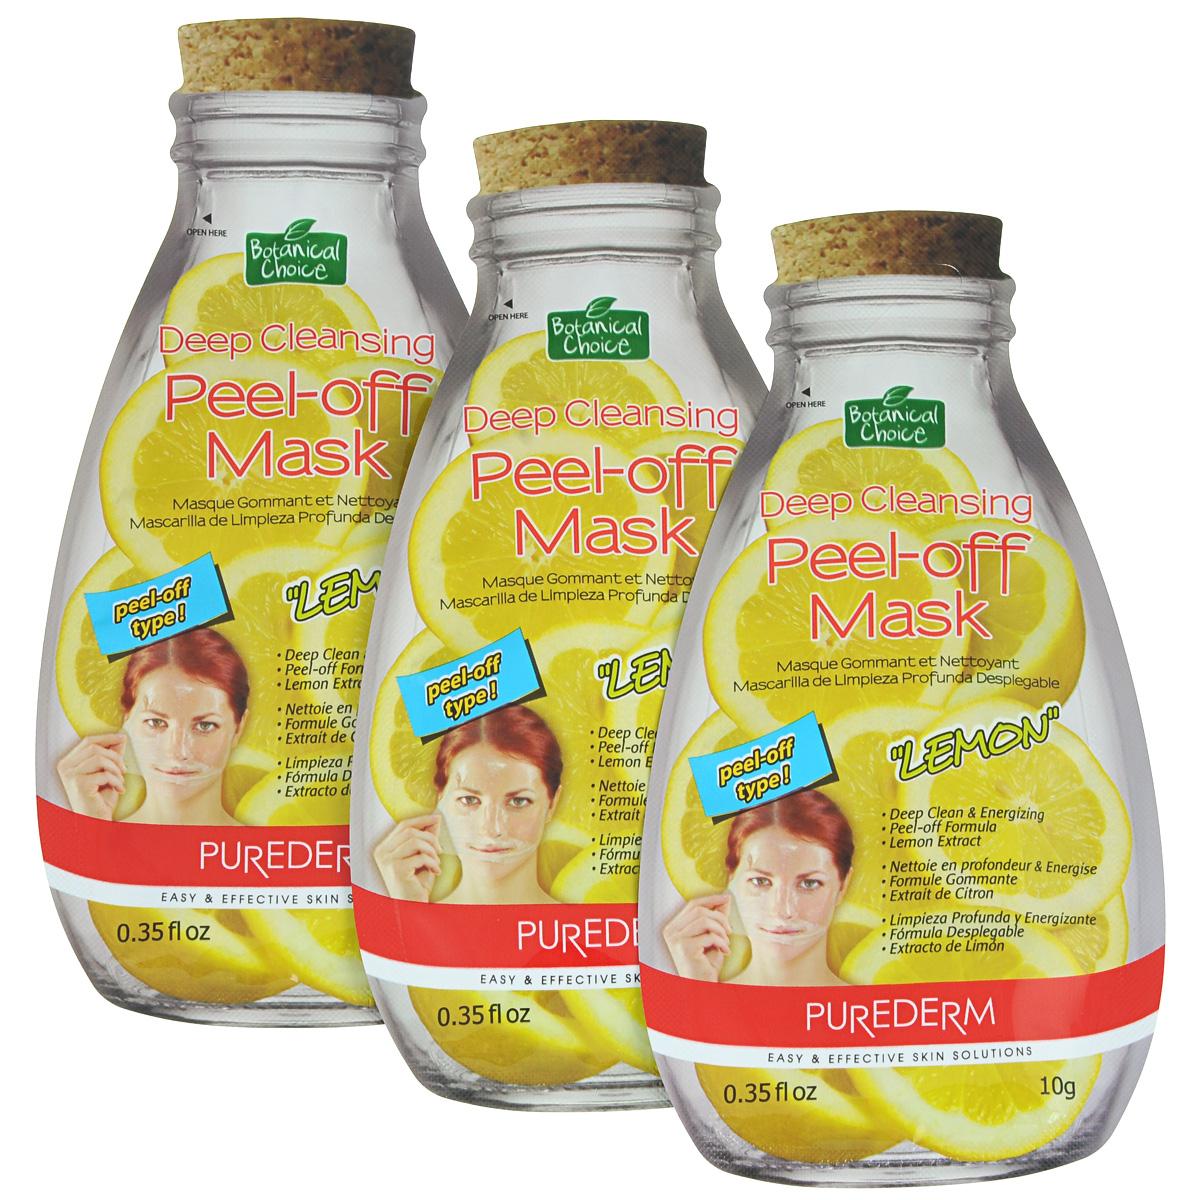 Purederm Глубоко очищающая маска-пилинг для лица Лимон, 3 х 10 г.AC-1121RDМаска- пленка мягко отшелушивает омертвевшие клетки кожи. Ароматный экстракт Лимона заряжает энергией и оставляет чувство свежести и чистоты.Маска-пленка плотно прилегает к коже, обеспечивая глубокое проникновение компонентов. В результате применения кожа выглядит чистой, гладкой и увлажненной.